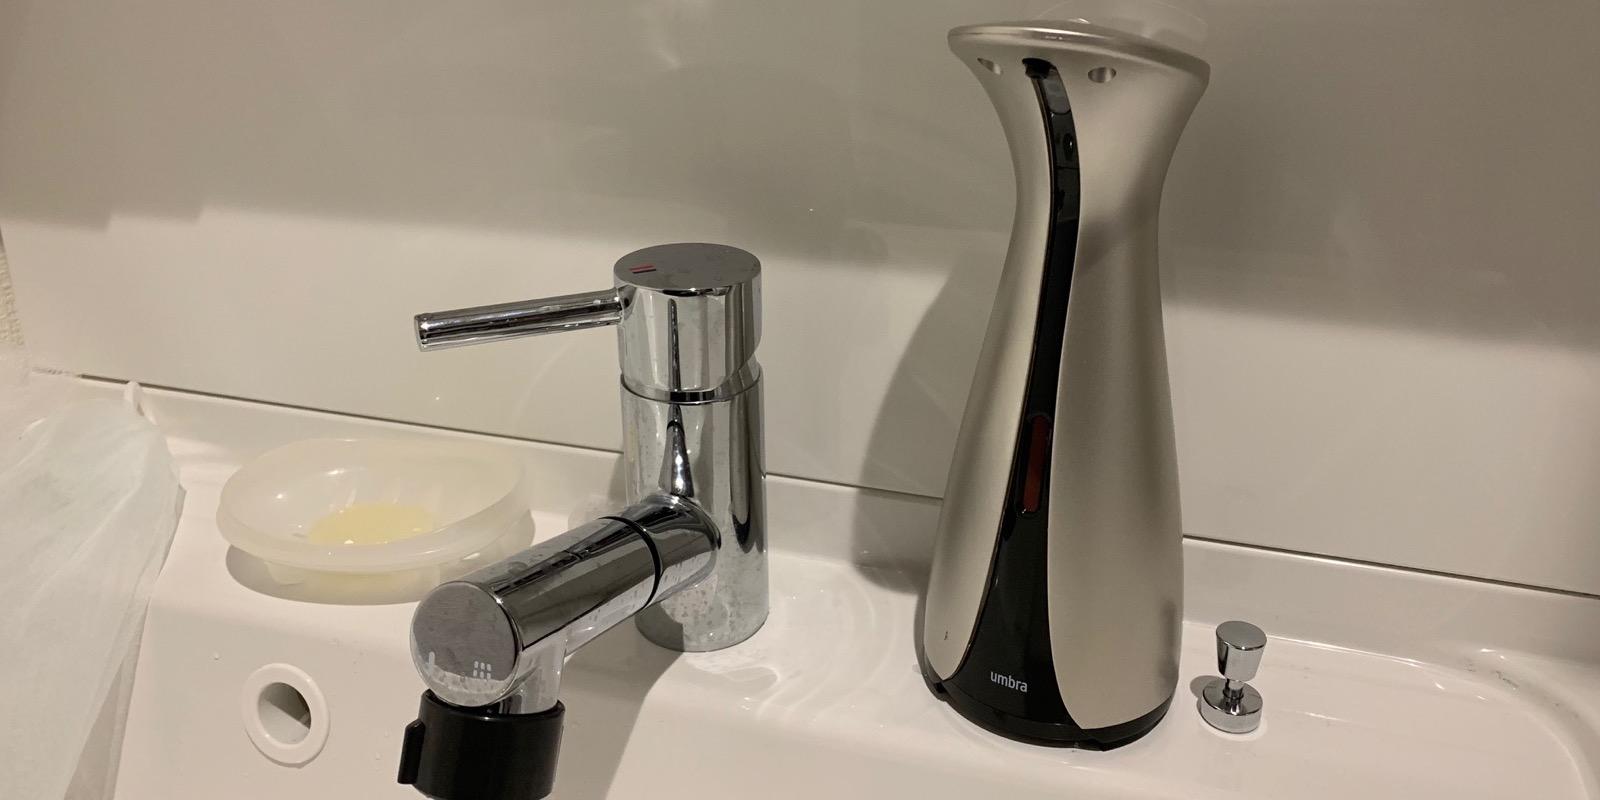 自動ソープディスペンサー買ったら洗面台が汚れなくてメッチャいい!!